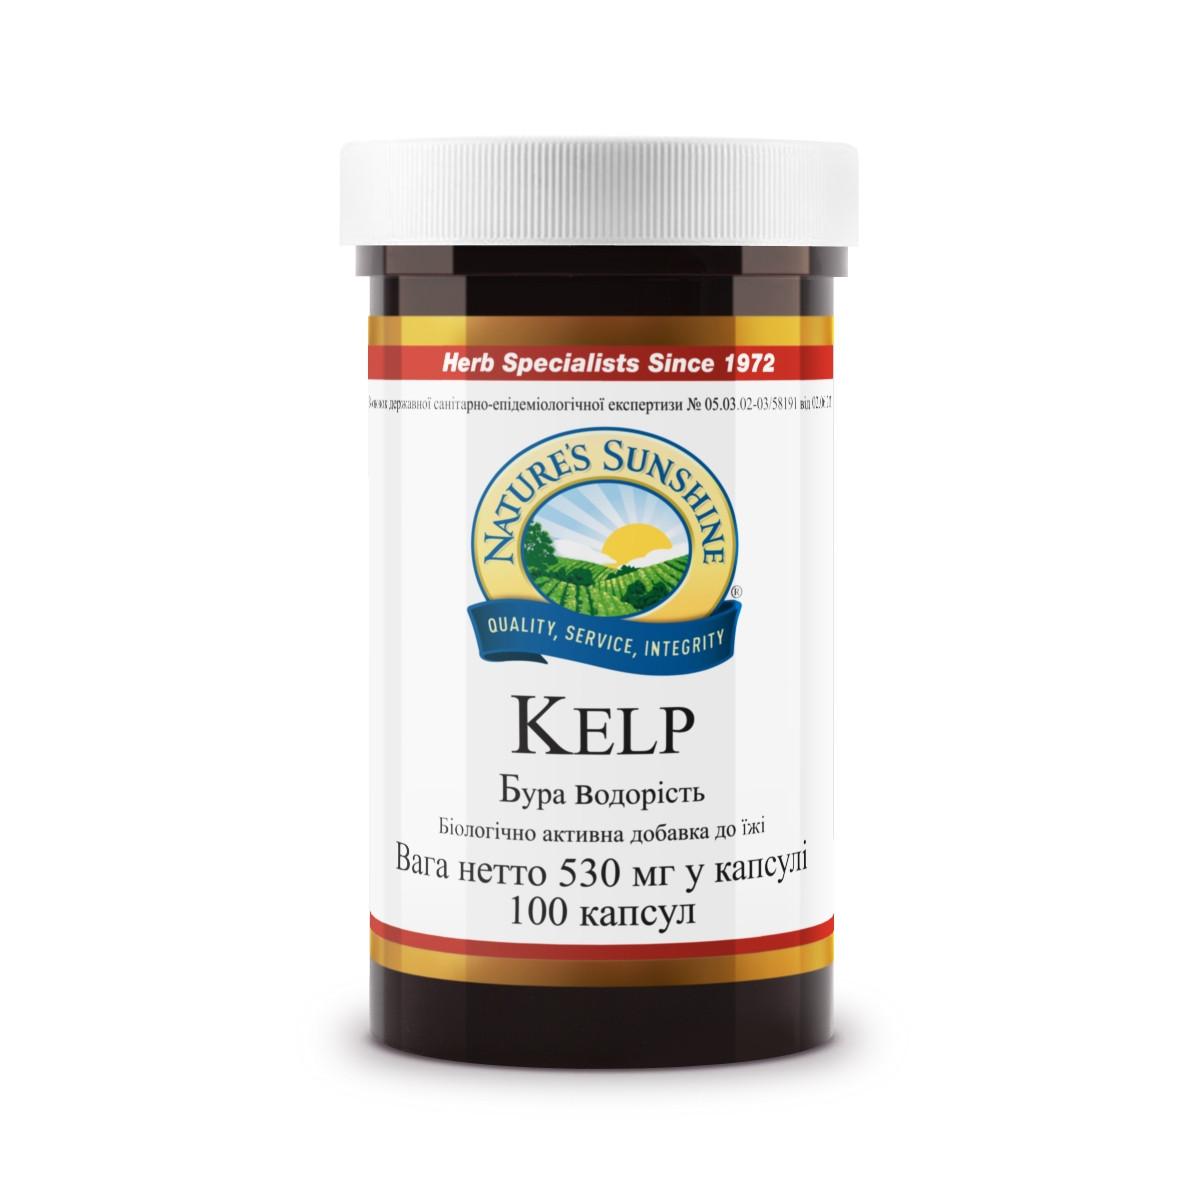 Kelp Бурая водоросль, Келп, НСП, NSP, США. Источник органического йода